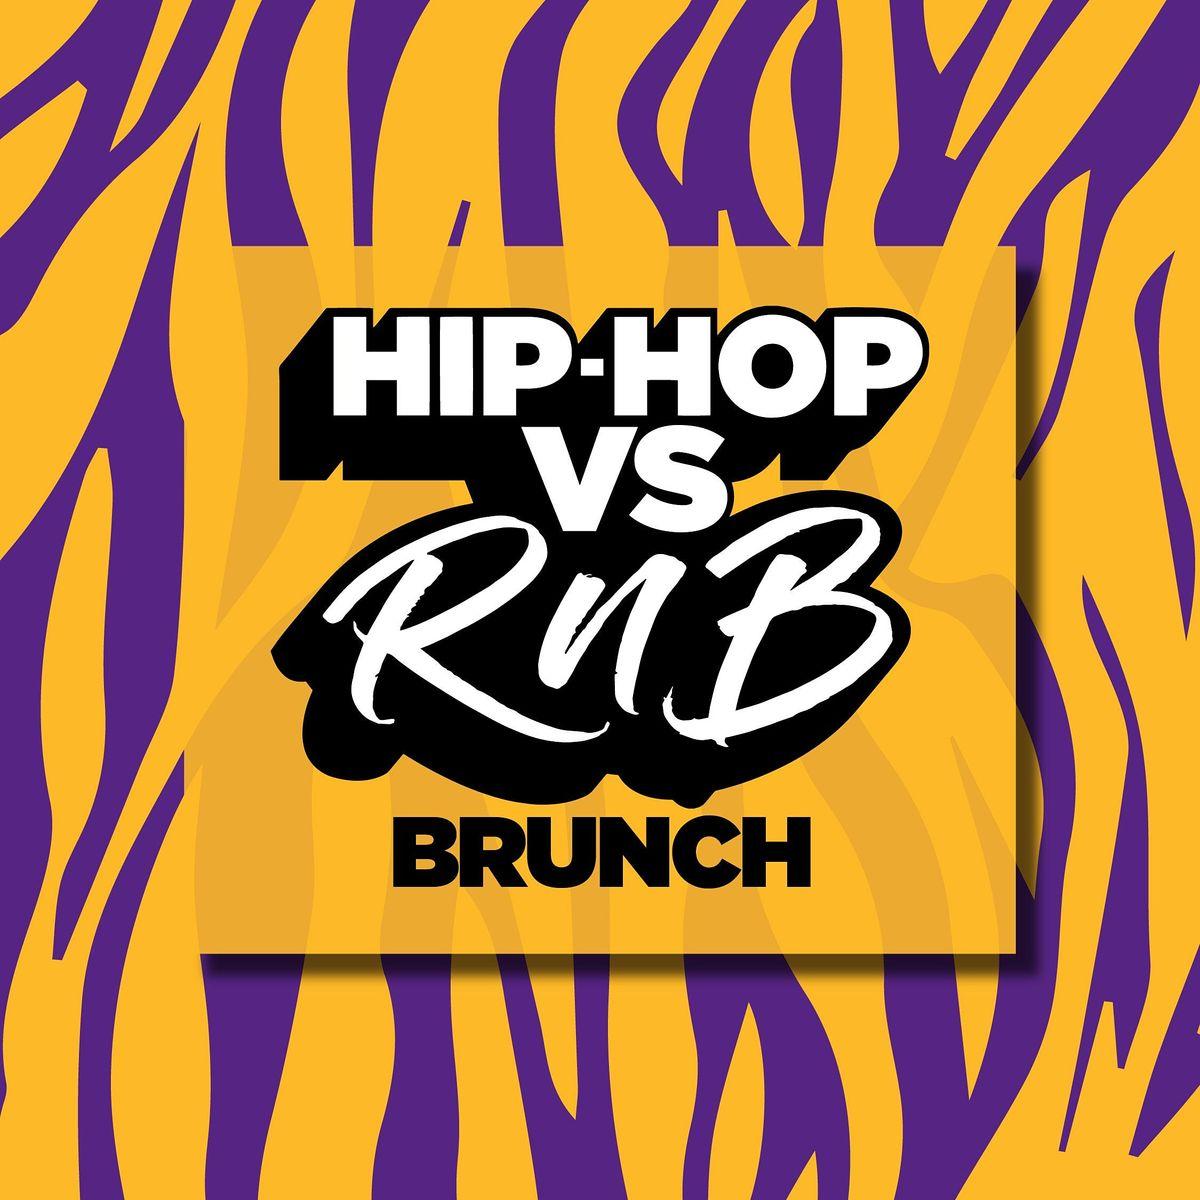 Hip-Hop vs RnB Brunch, 18 September | Event in London | AllEvents.in